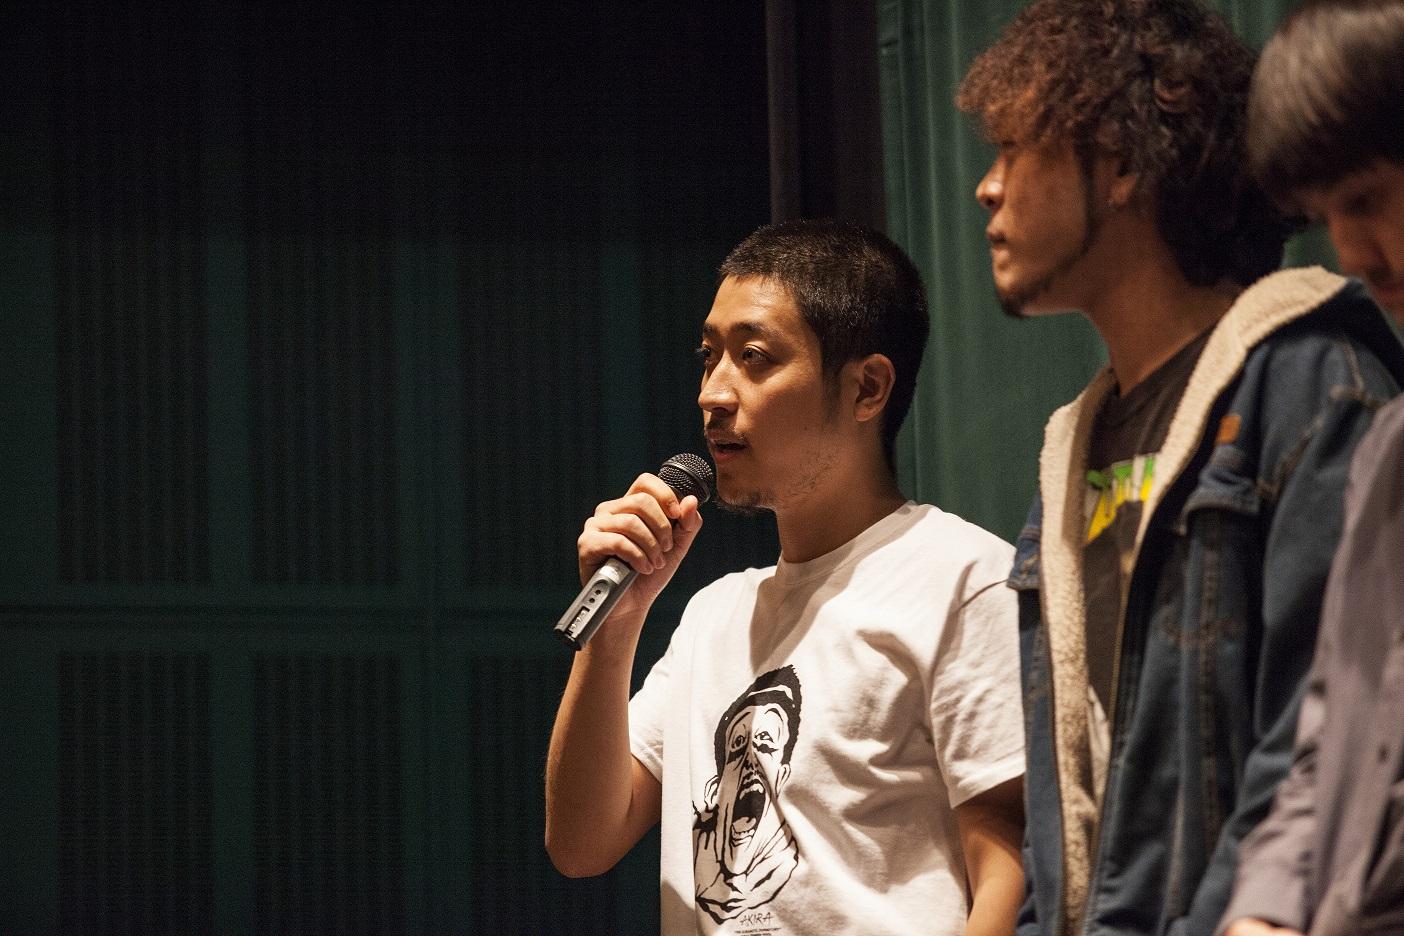 故郷の詩_初日舞台挨拶 (4)  初日舞台挨拶で話す嶺豪一監督。トップ写真は先行上映会でゲストの